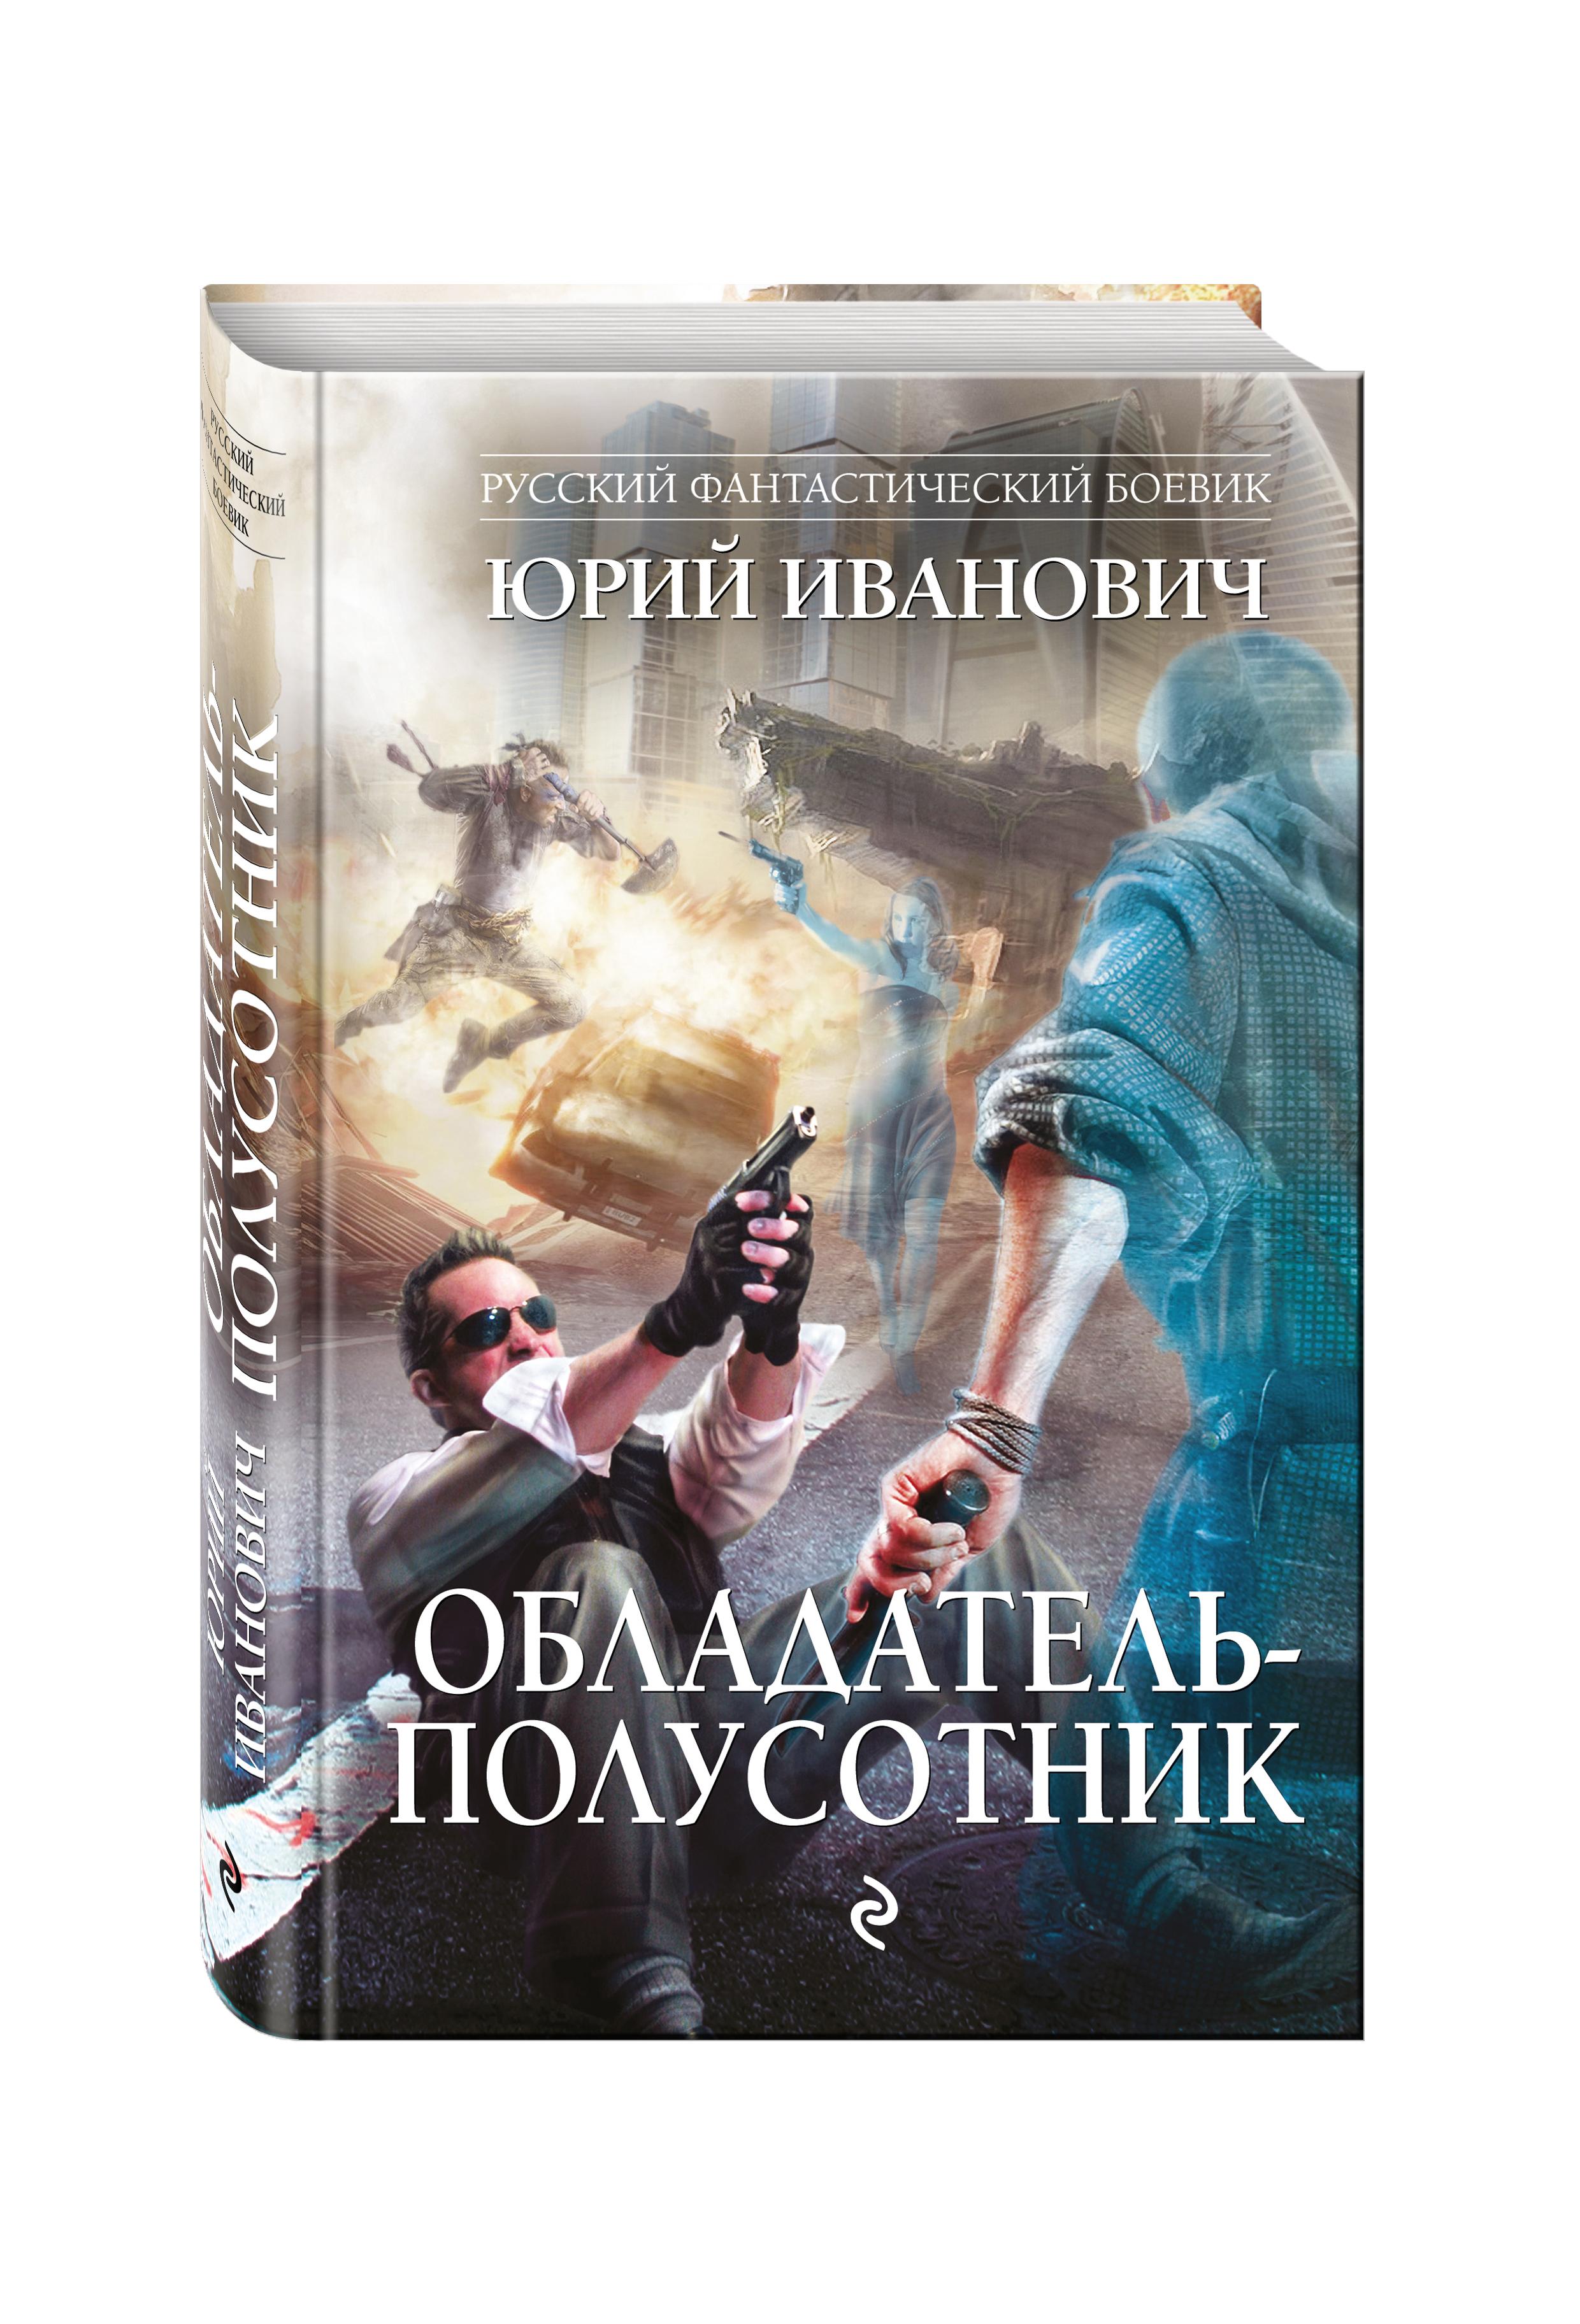 Иванович Ю. Обладатель-полусотник юрий иванович обладатель